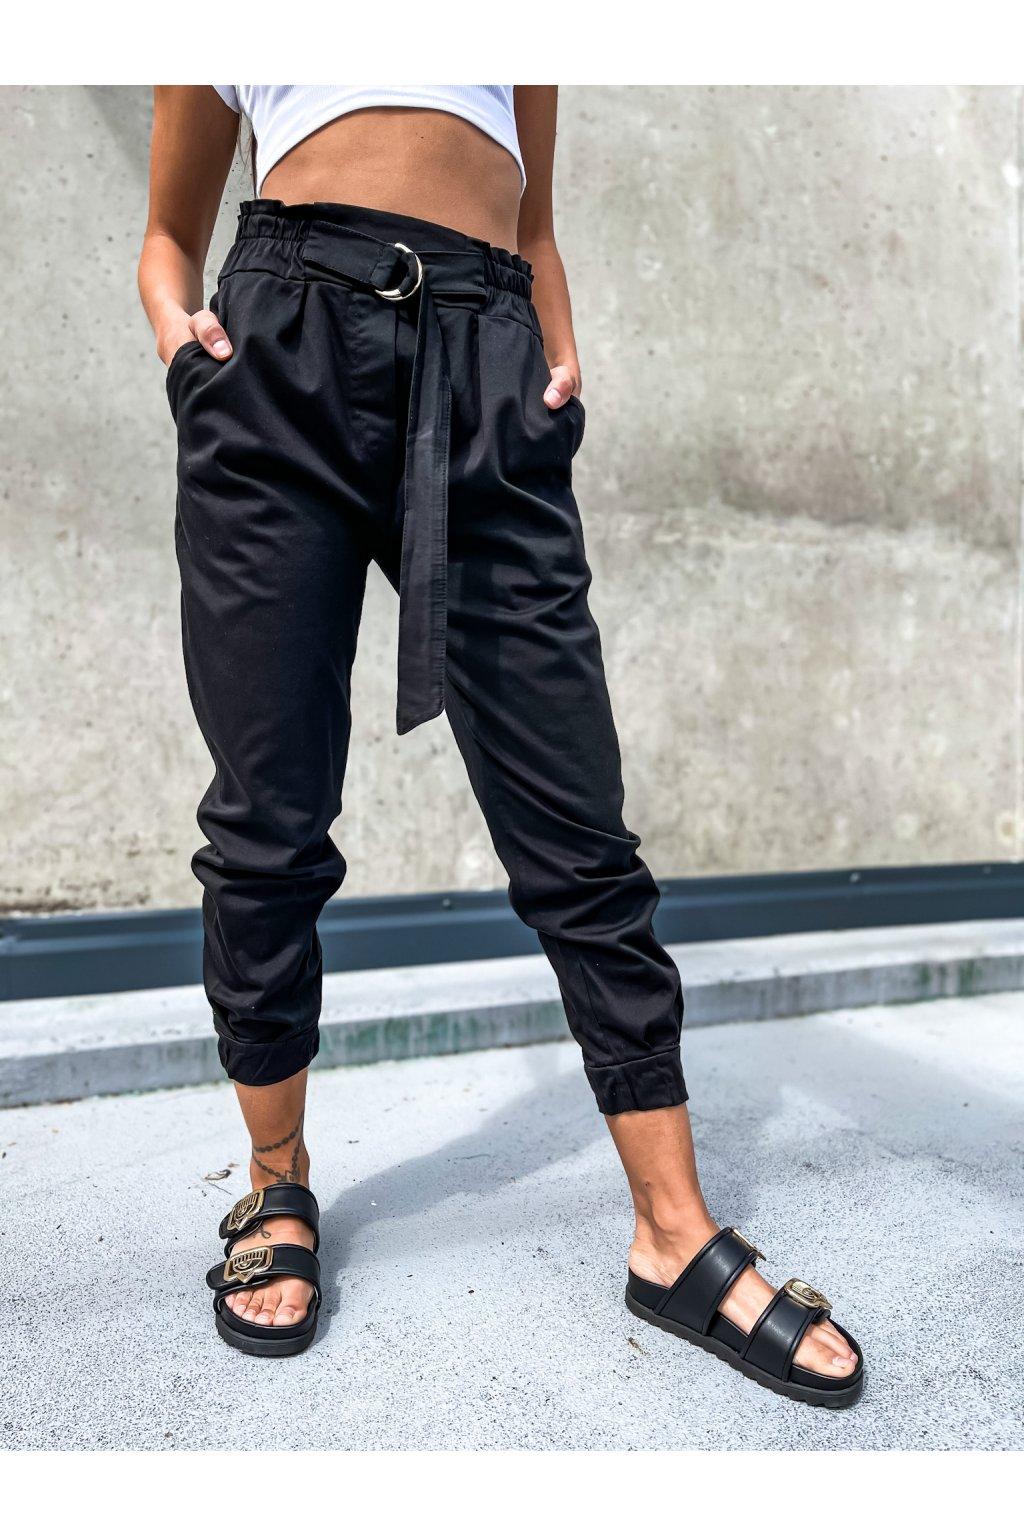 damske kalhoty s vysokym pasem italy black eshopat cz 1